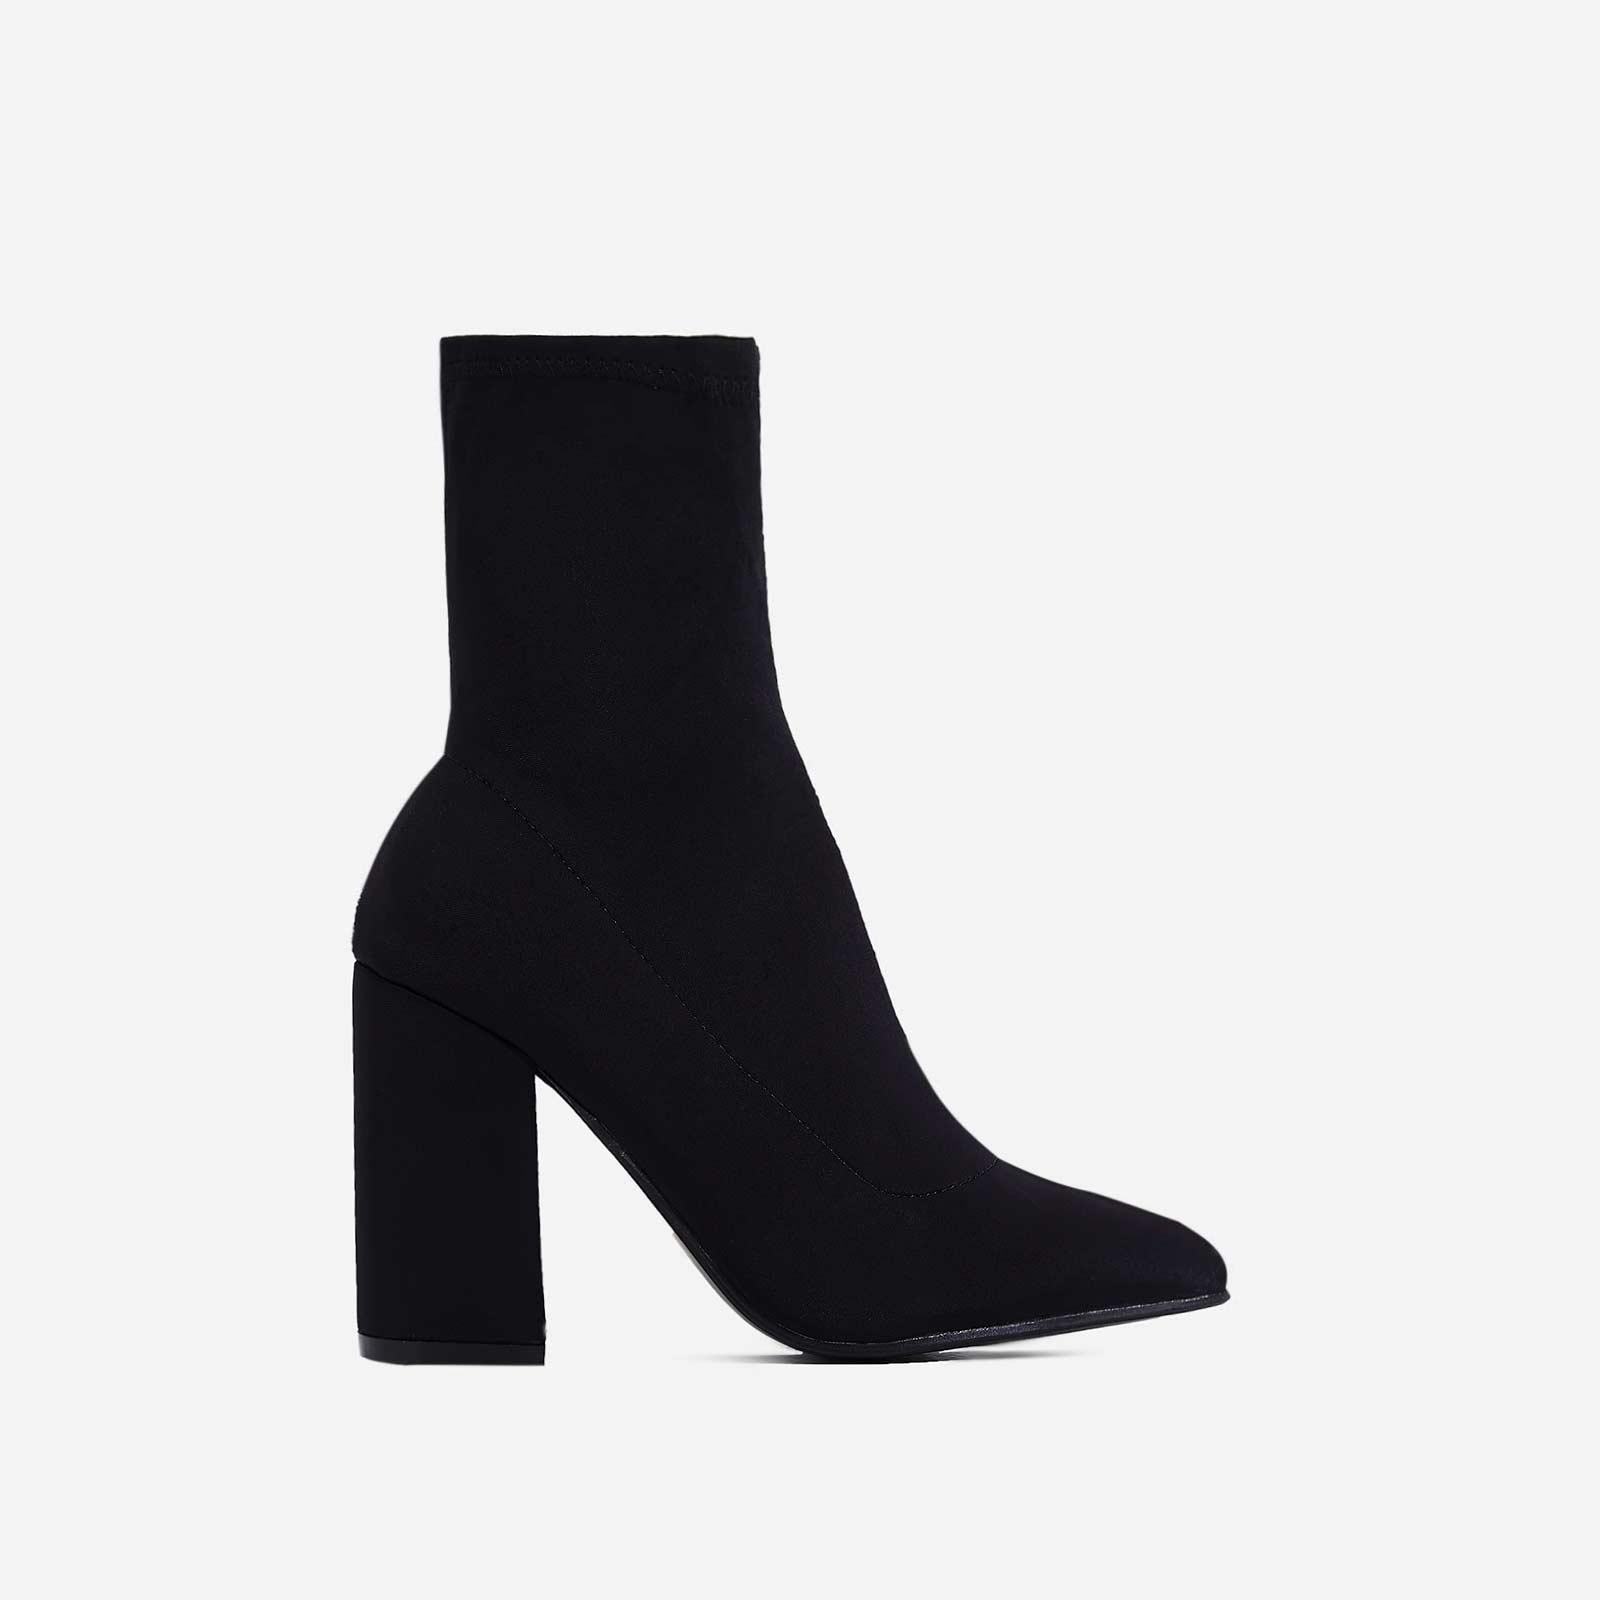 Zana Block Heel Sock Boot In Black Lycra